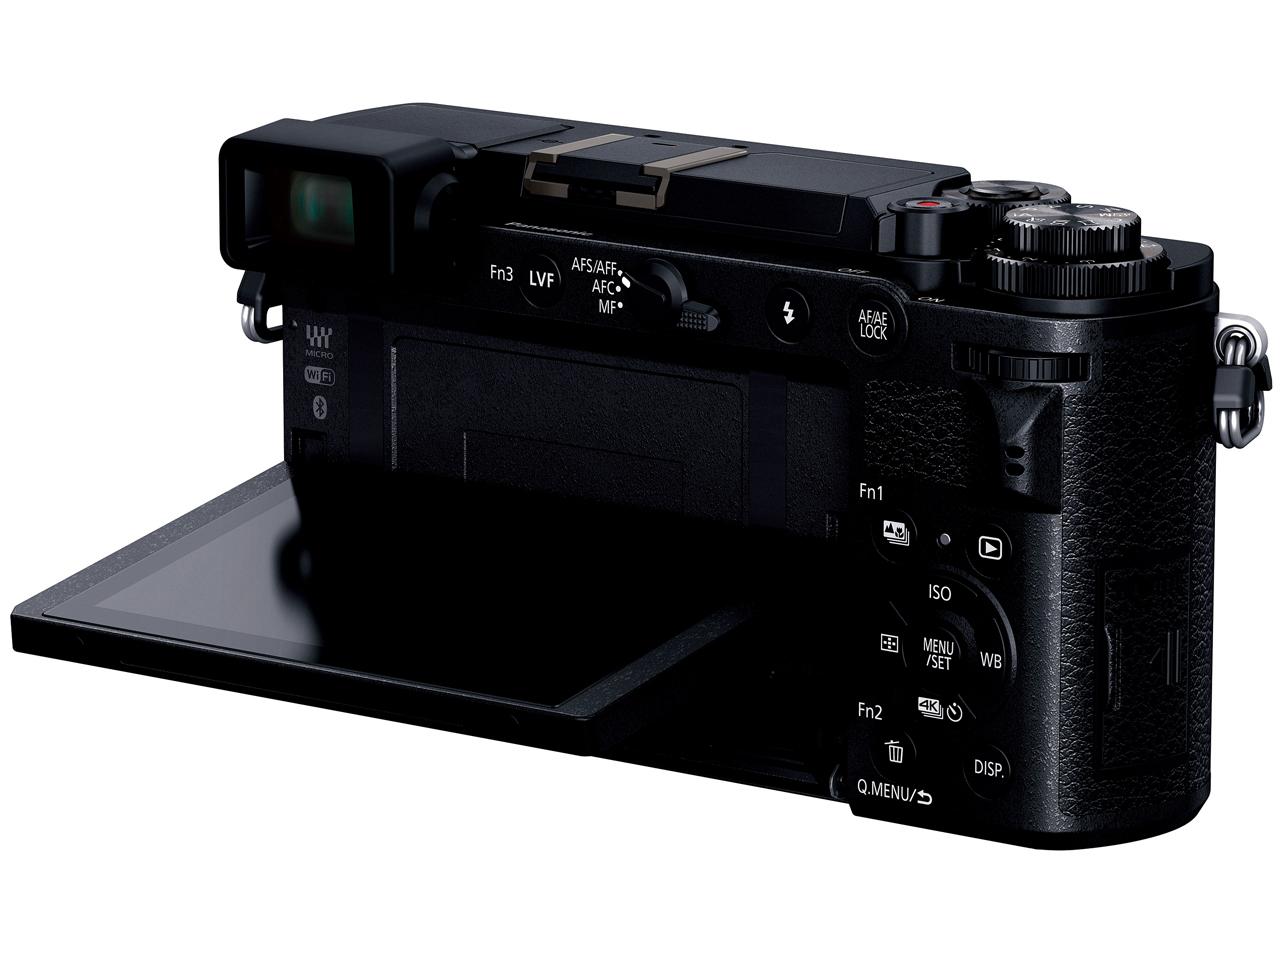 『本体 背面 バリアングル1』 LUMIX DC-GX7MK3-K ボディ [ブラック] の製品画像